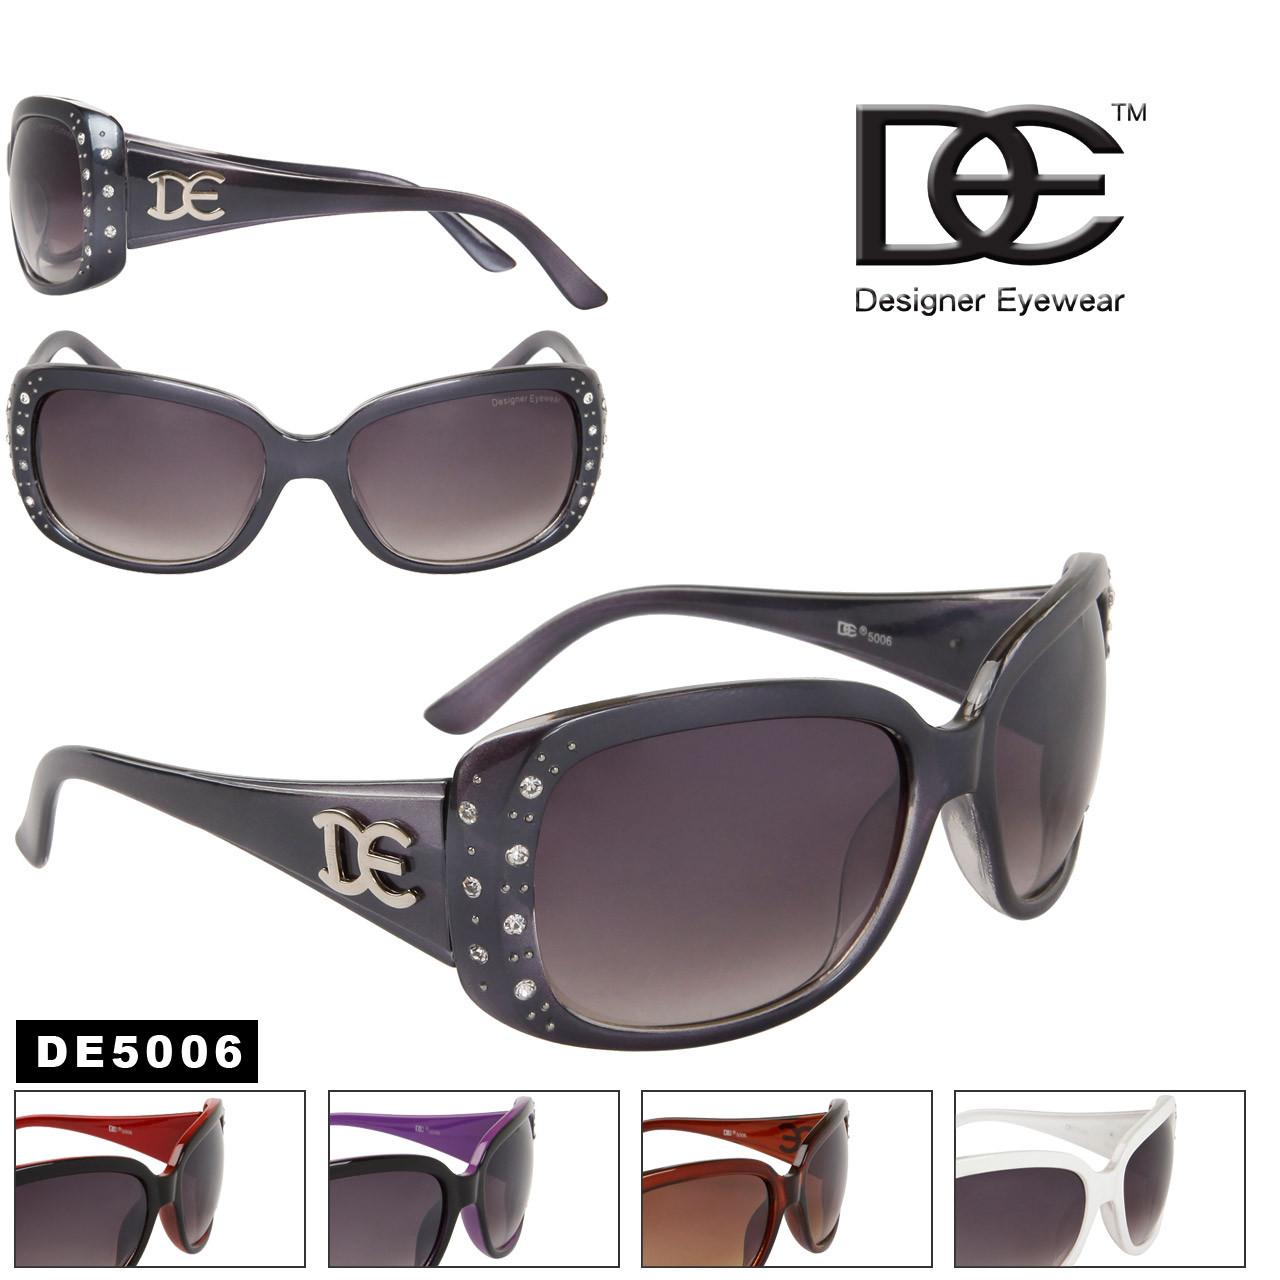 6d7d03938d65e Rhinestone Sunglasses DE5006 (12 pcs.) By the Dozen